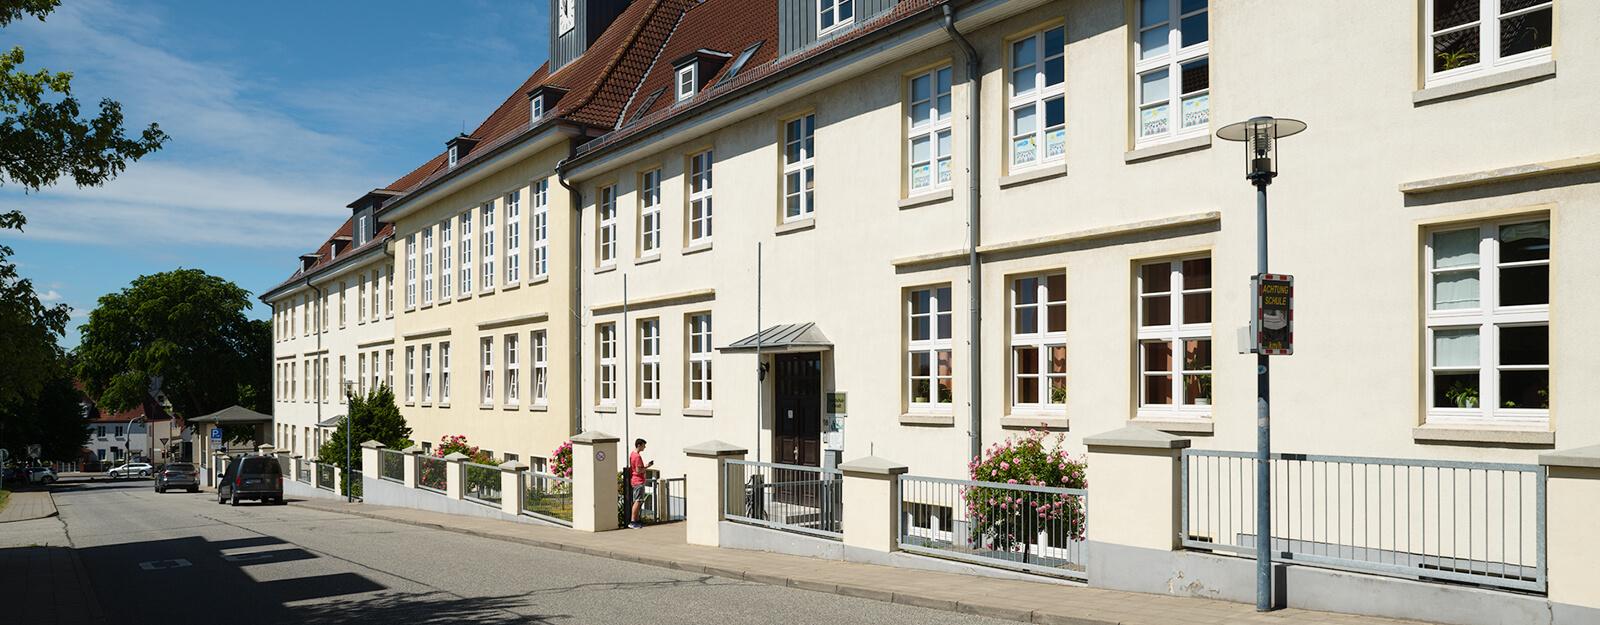 Referenz-BergenAufRügen_01-1600x625